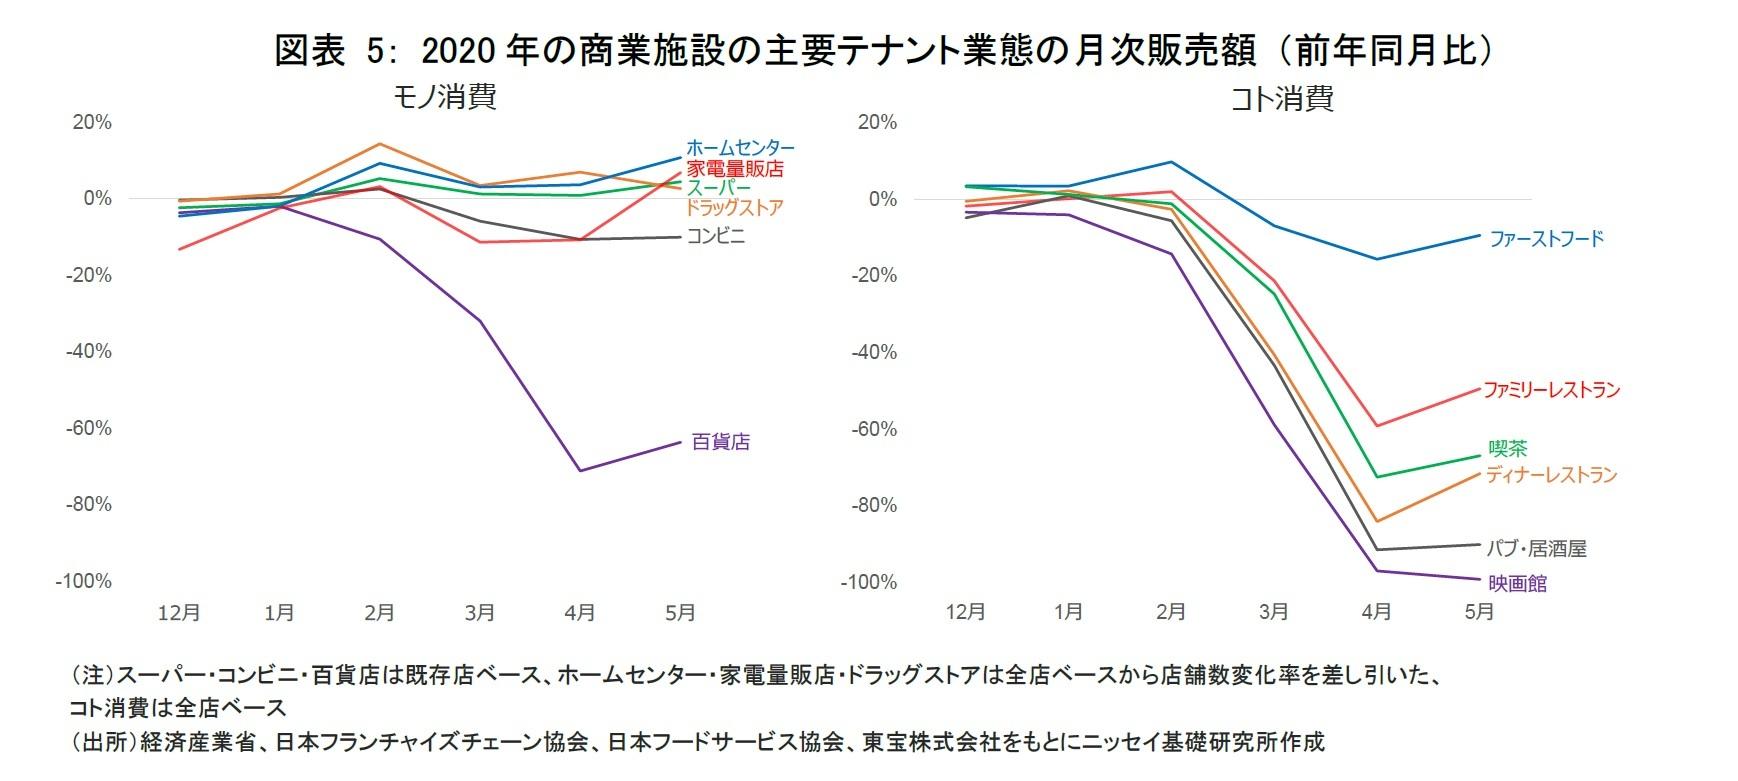 図表 5: 2020年の商業施設の主要テナント業態の月次販売額 (前年同月比)